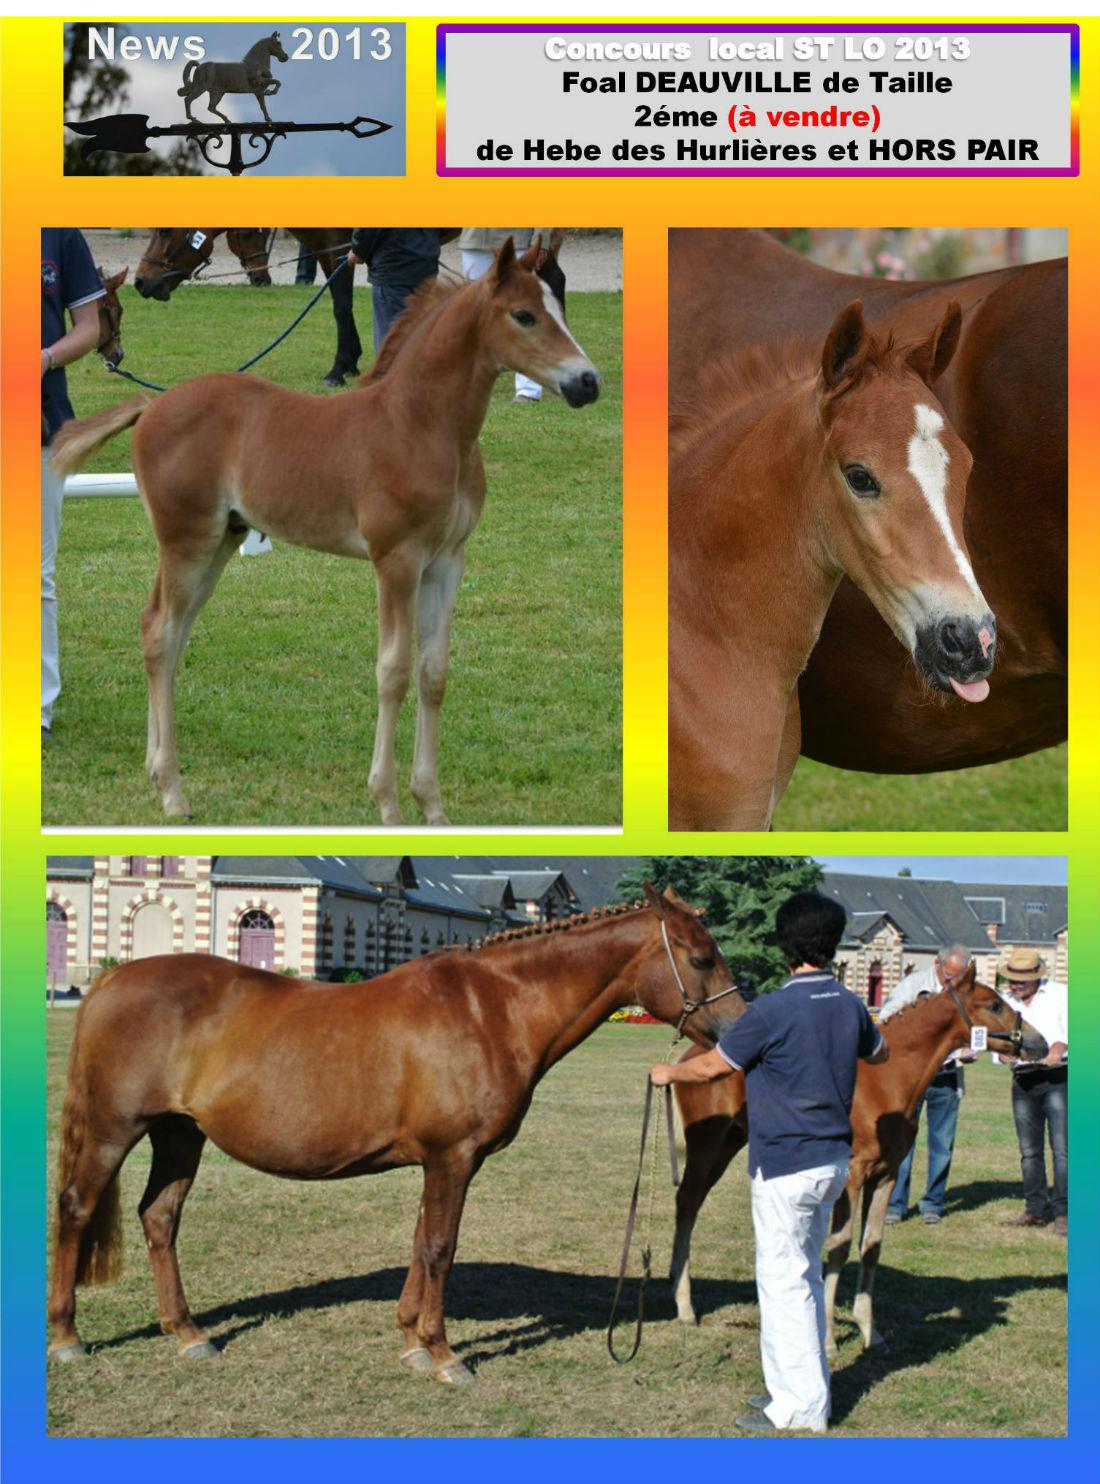 Concours local st lo 2013 foal & poulinière Hebe des hurlière et deauville detaille